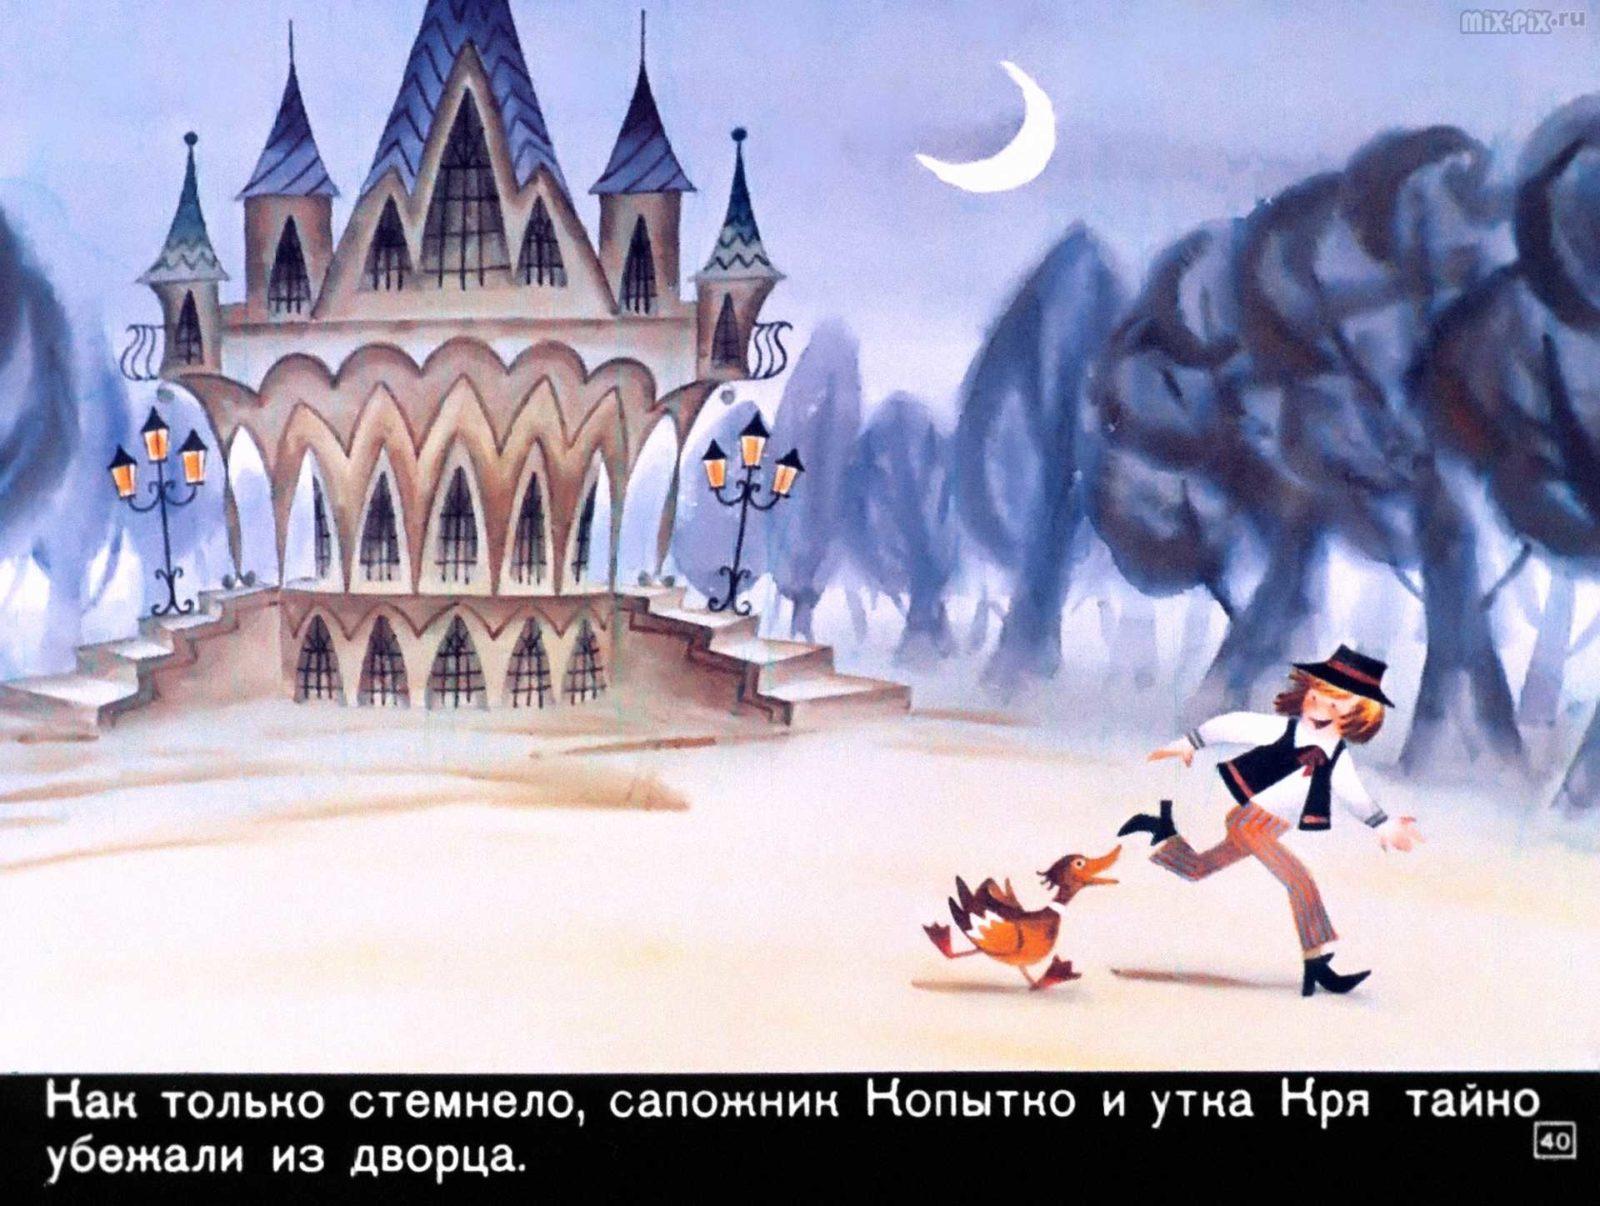 Сапожник Копытко и утка Кря (1972) 44